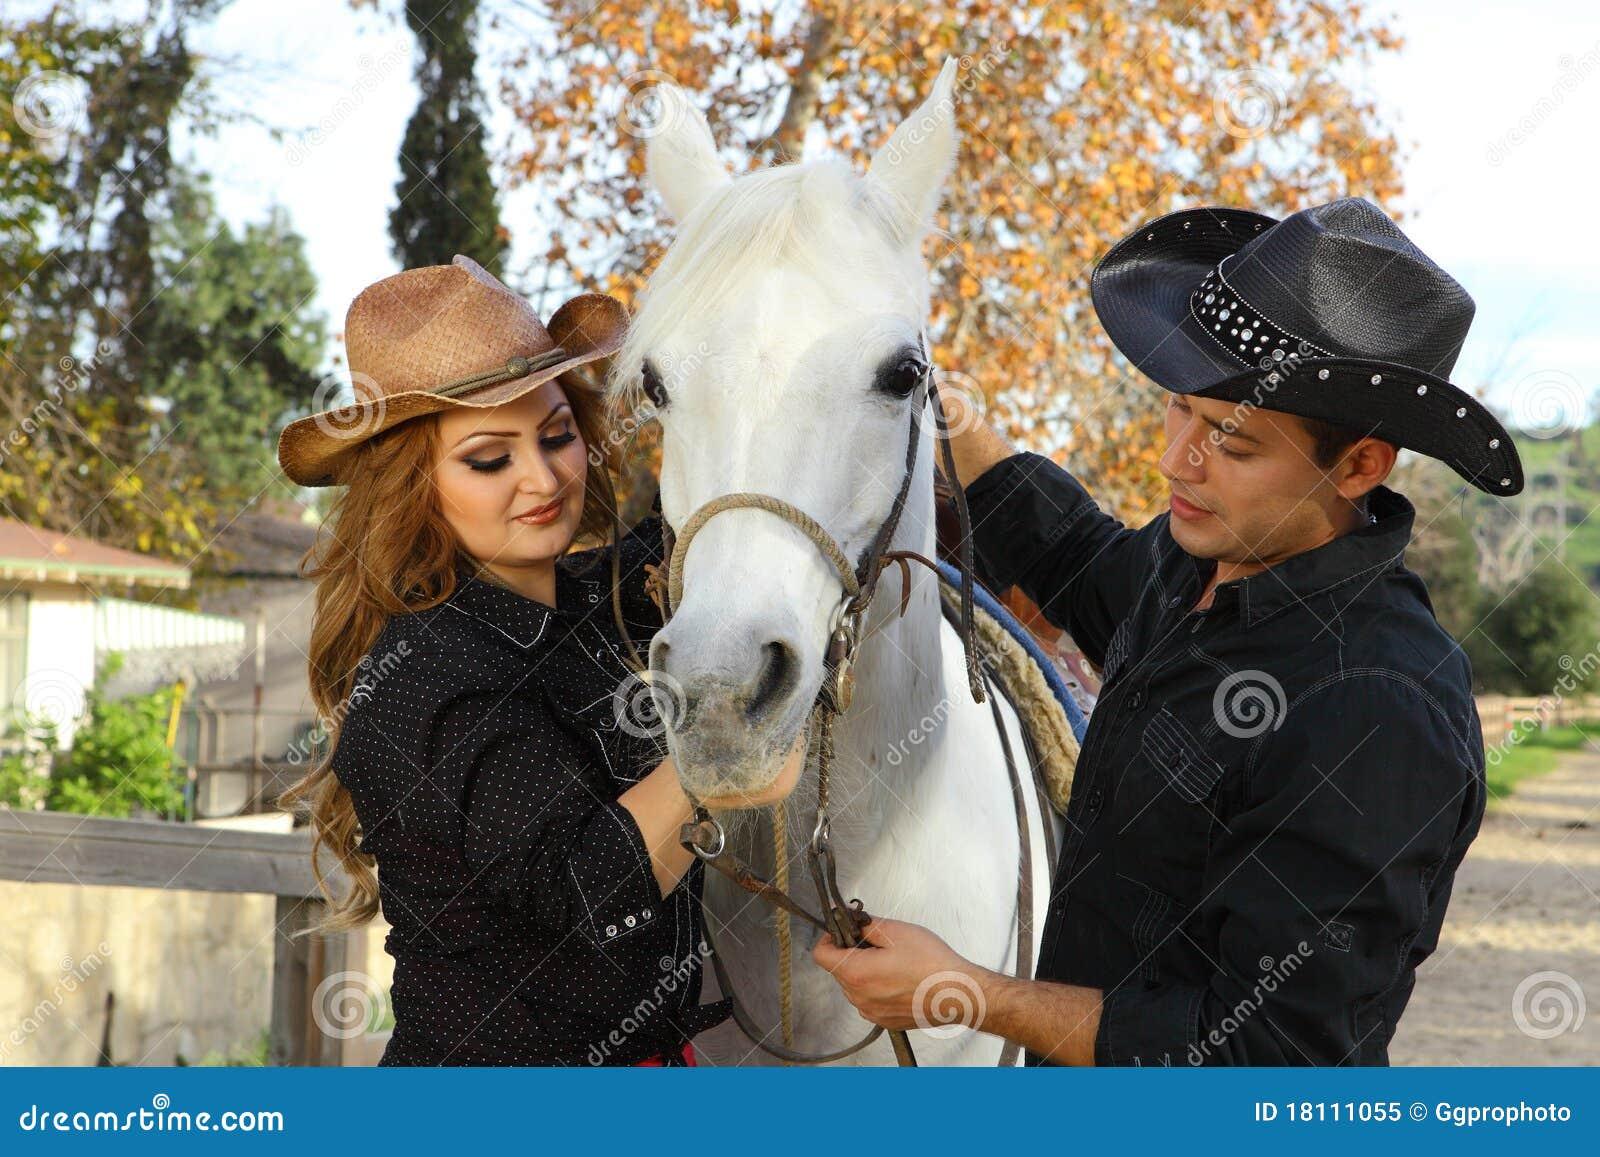 Cowboys datieren Cowgirls